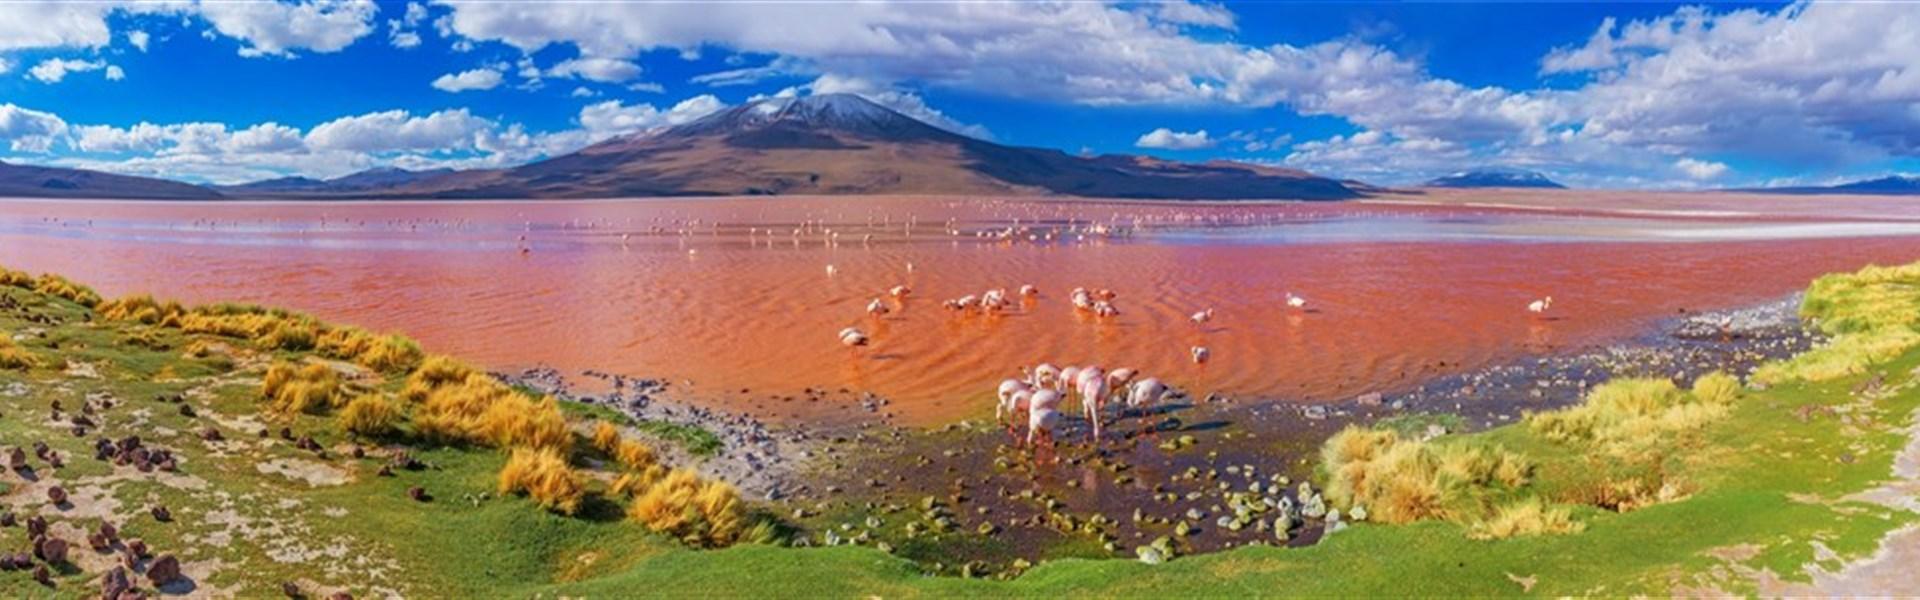 Bolívie - země plná kontrastů -